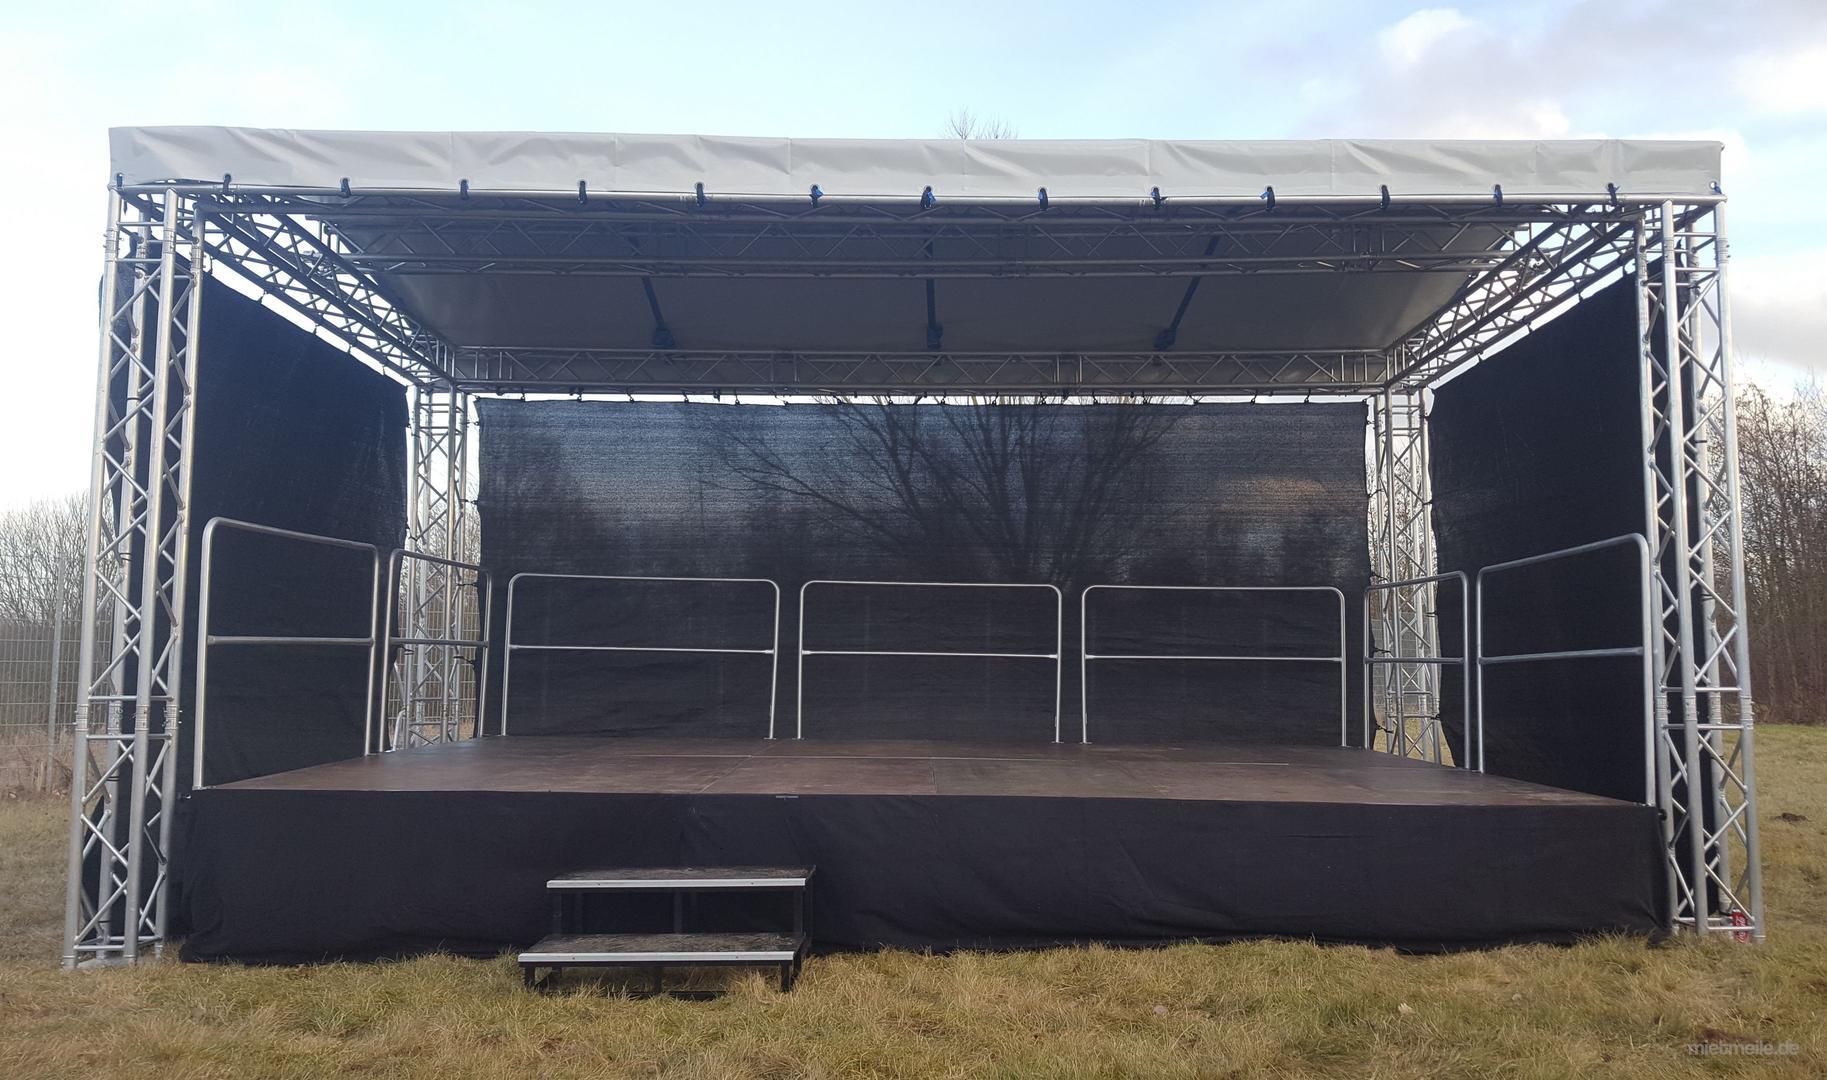 Bühne mieten & vermieten - 6x4m Open Air Bühne, Giebeldachbühne, Showbühne, Eventbühne, Bühnendach in Wismar